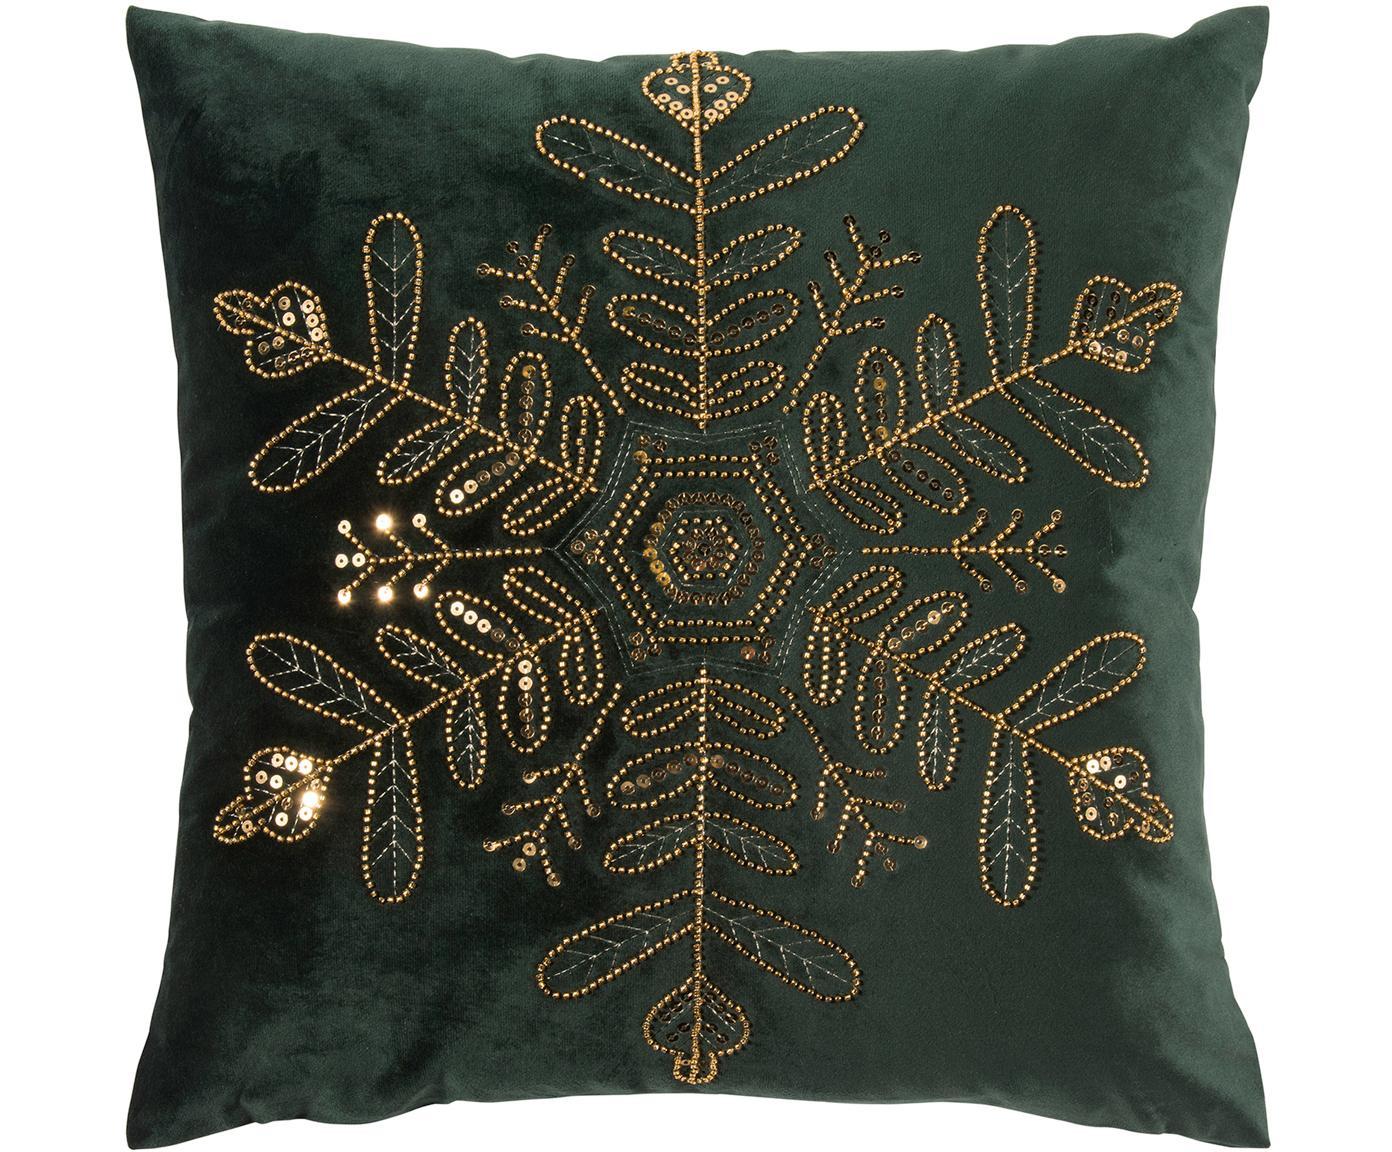 Federa arredo in velluto con perle ricamate Sparkle, Velluto di poliestere, Verde scuro, dorato, Larg. 45 x Lung. 45 cm